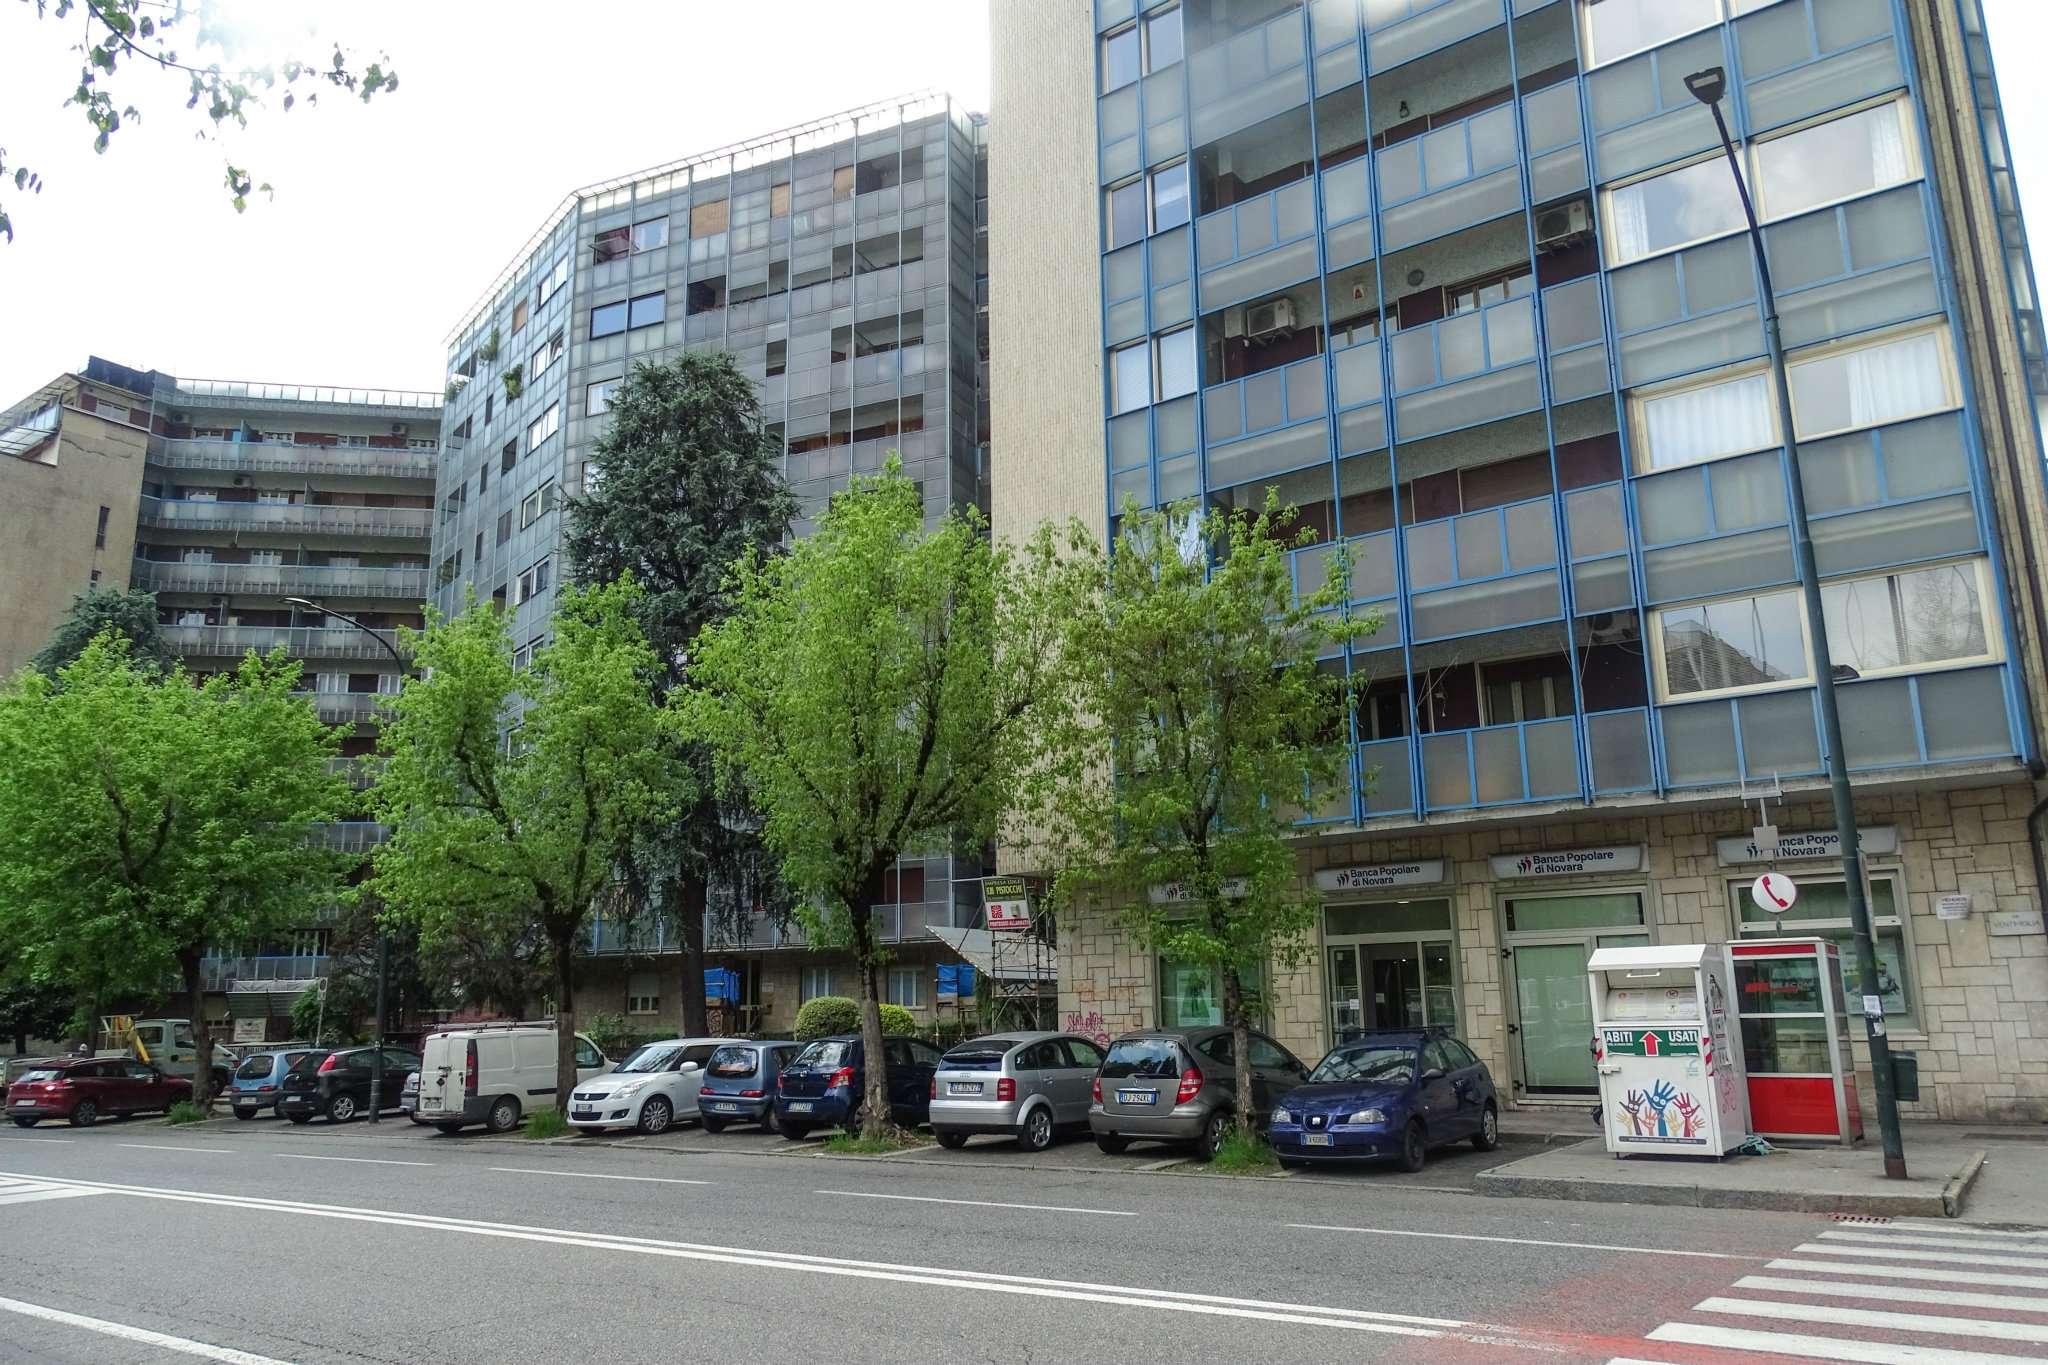 Foto 1 di Quadrilocale via Ventimiglia  198, Torino (zona Valentino, Italia 61, Nizza Millefonti)